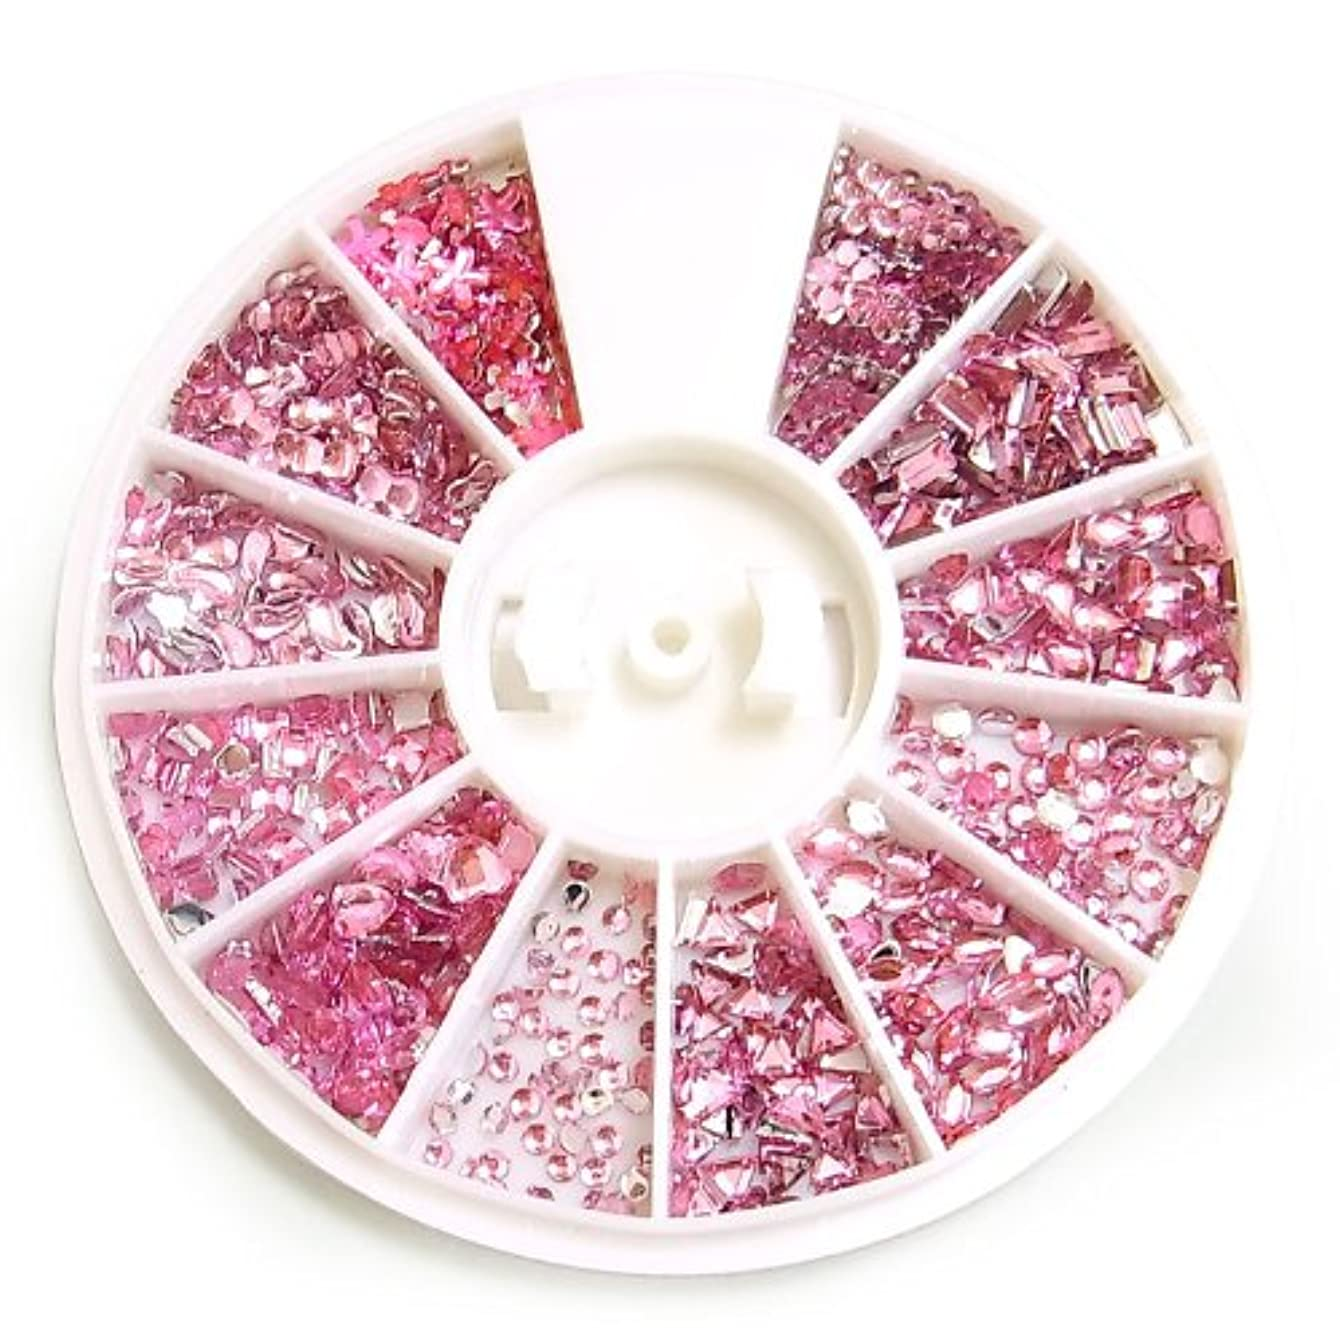 とんでもない落ち着く壮大なアクリルラインストーン12種セット【ピンク】